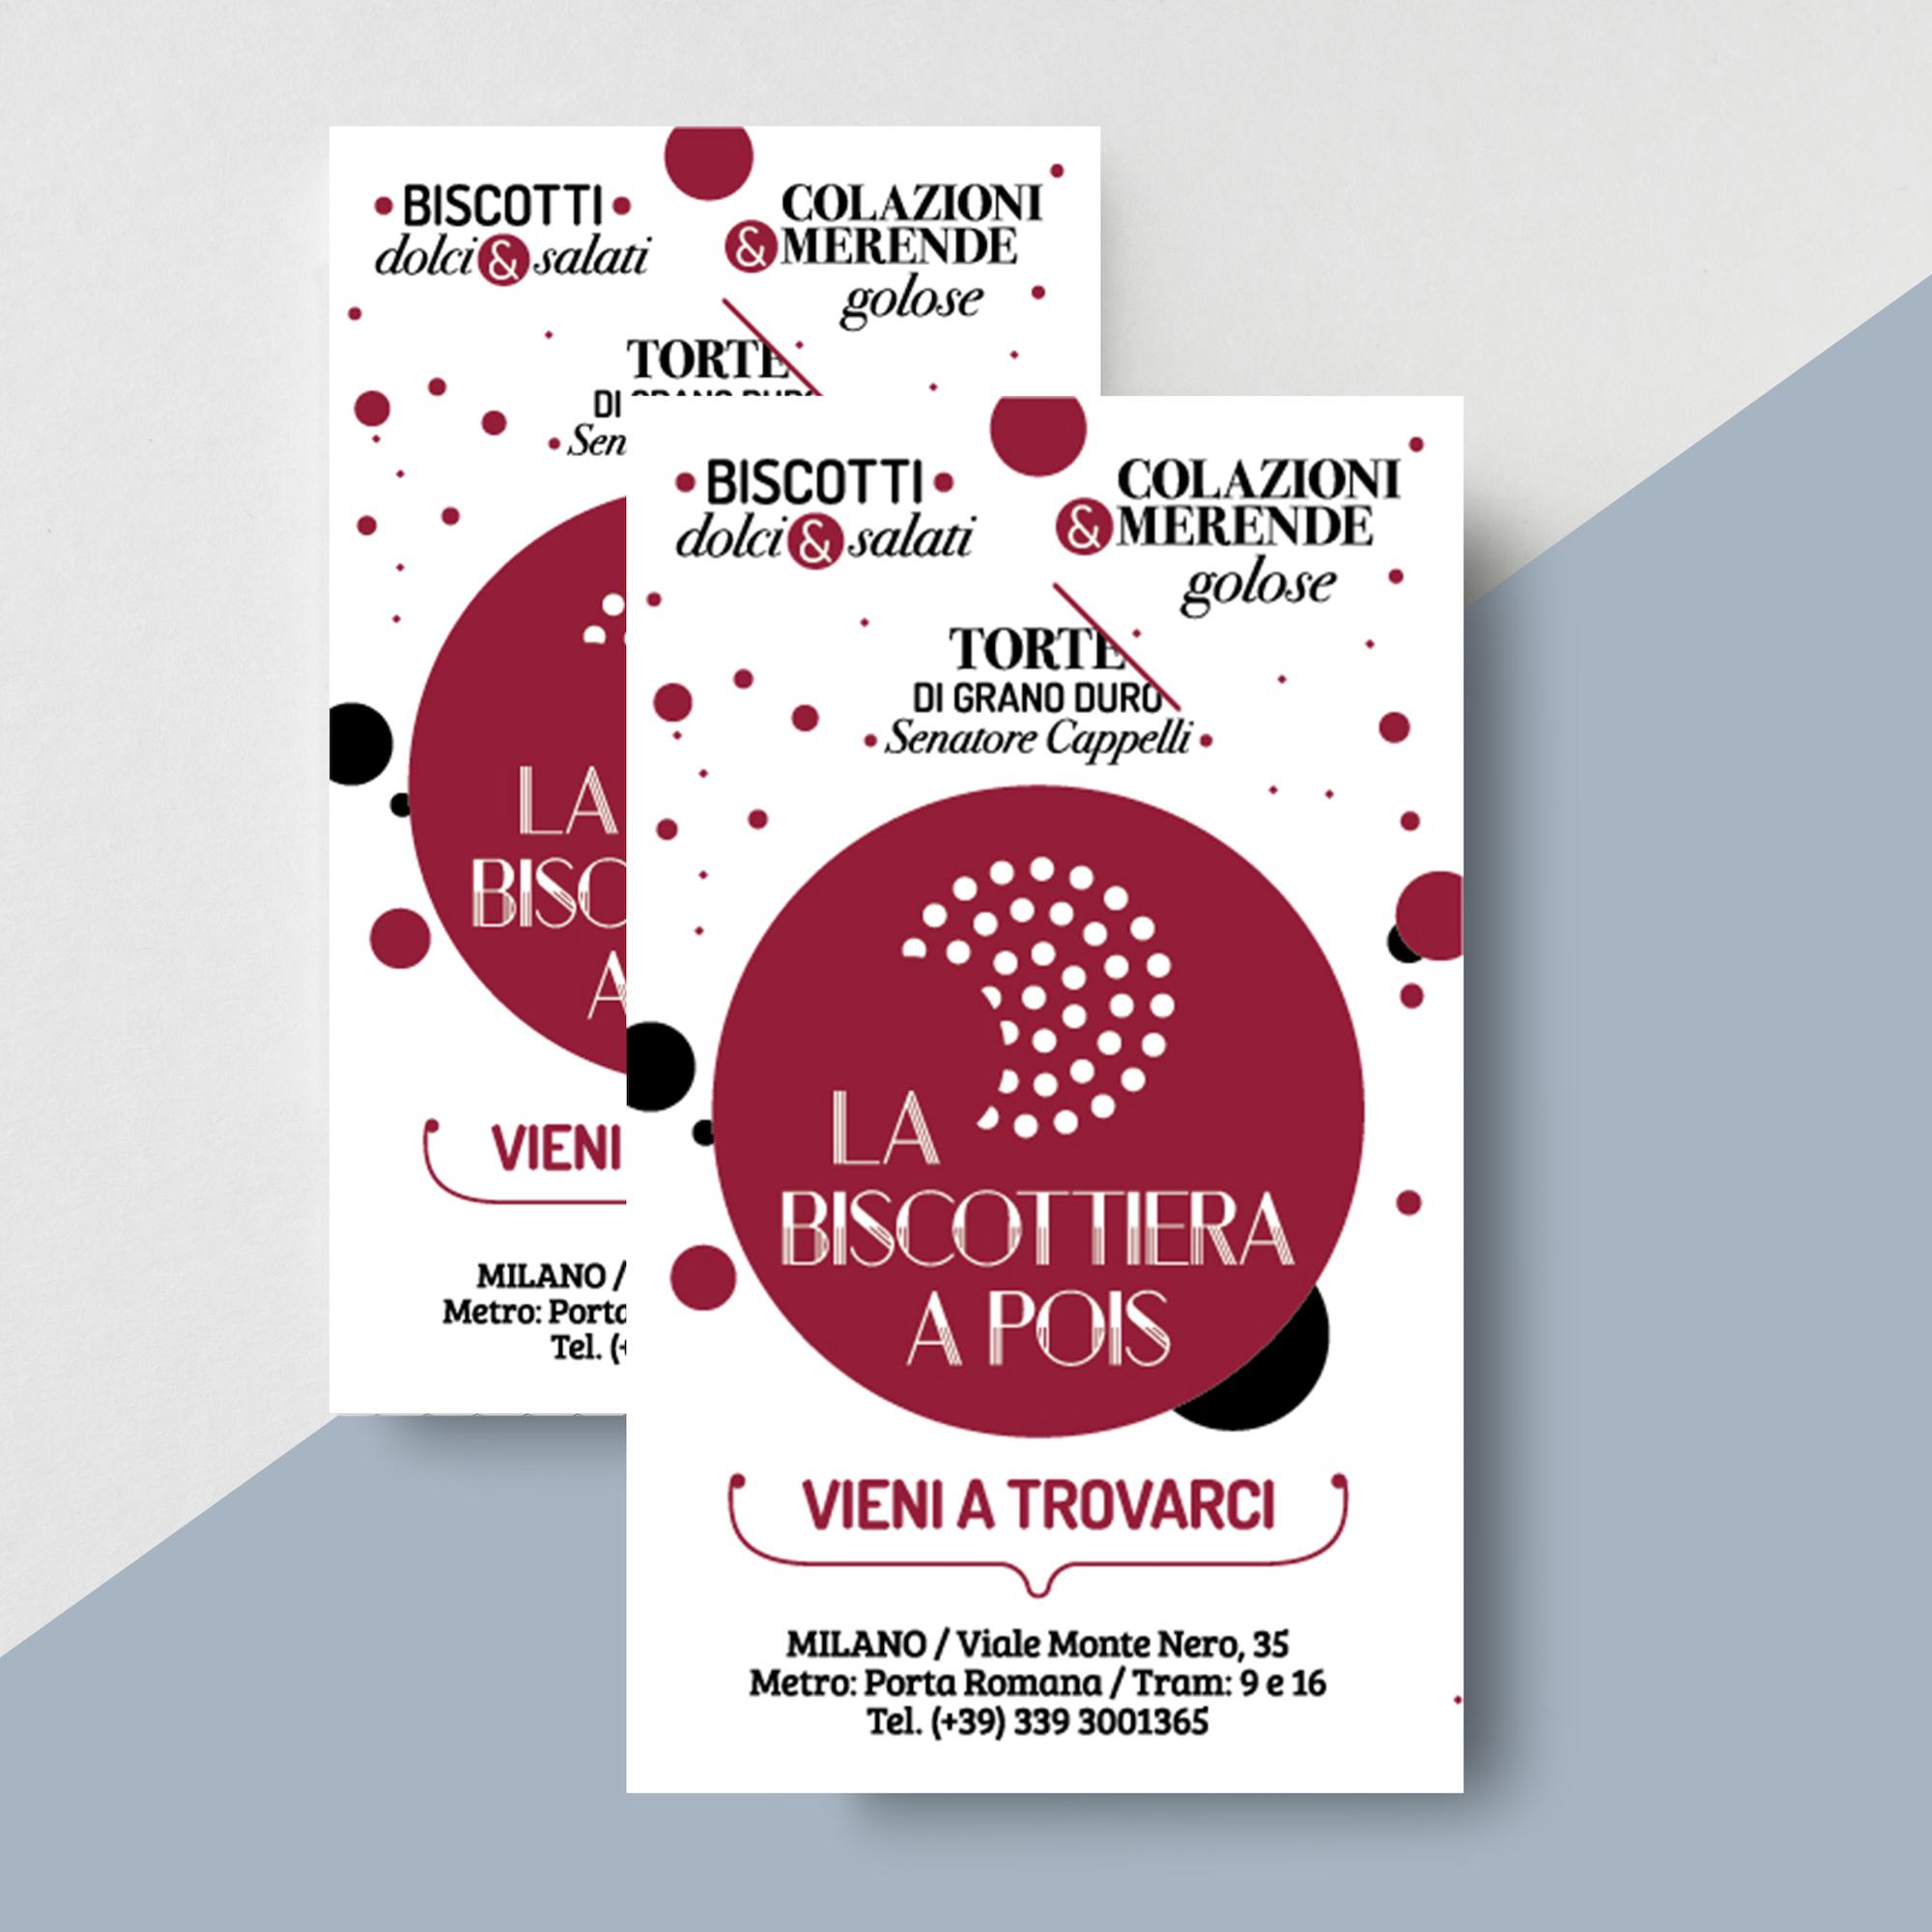 Flyer comunicazione apertura punto vendita biscottiera a pois Milano